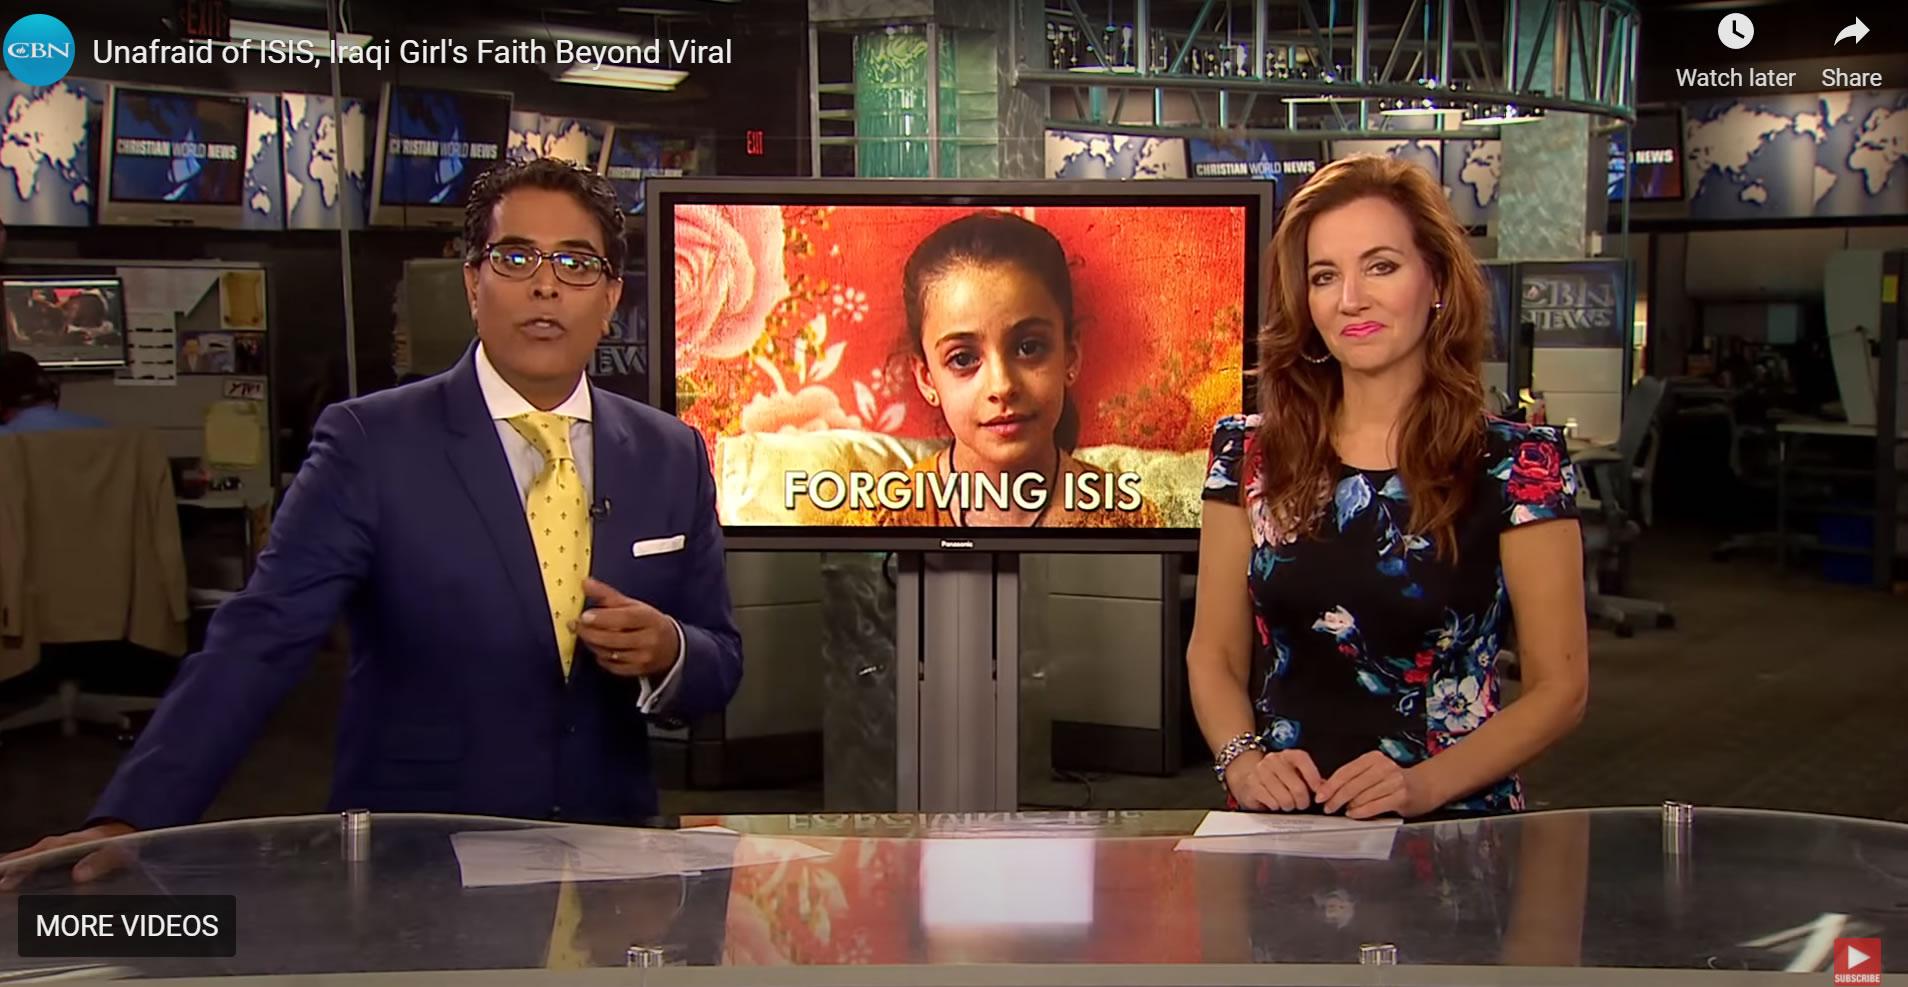 Girl forgives ISIS